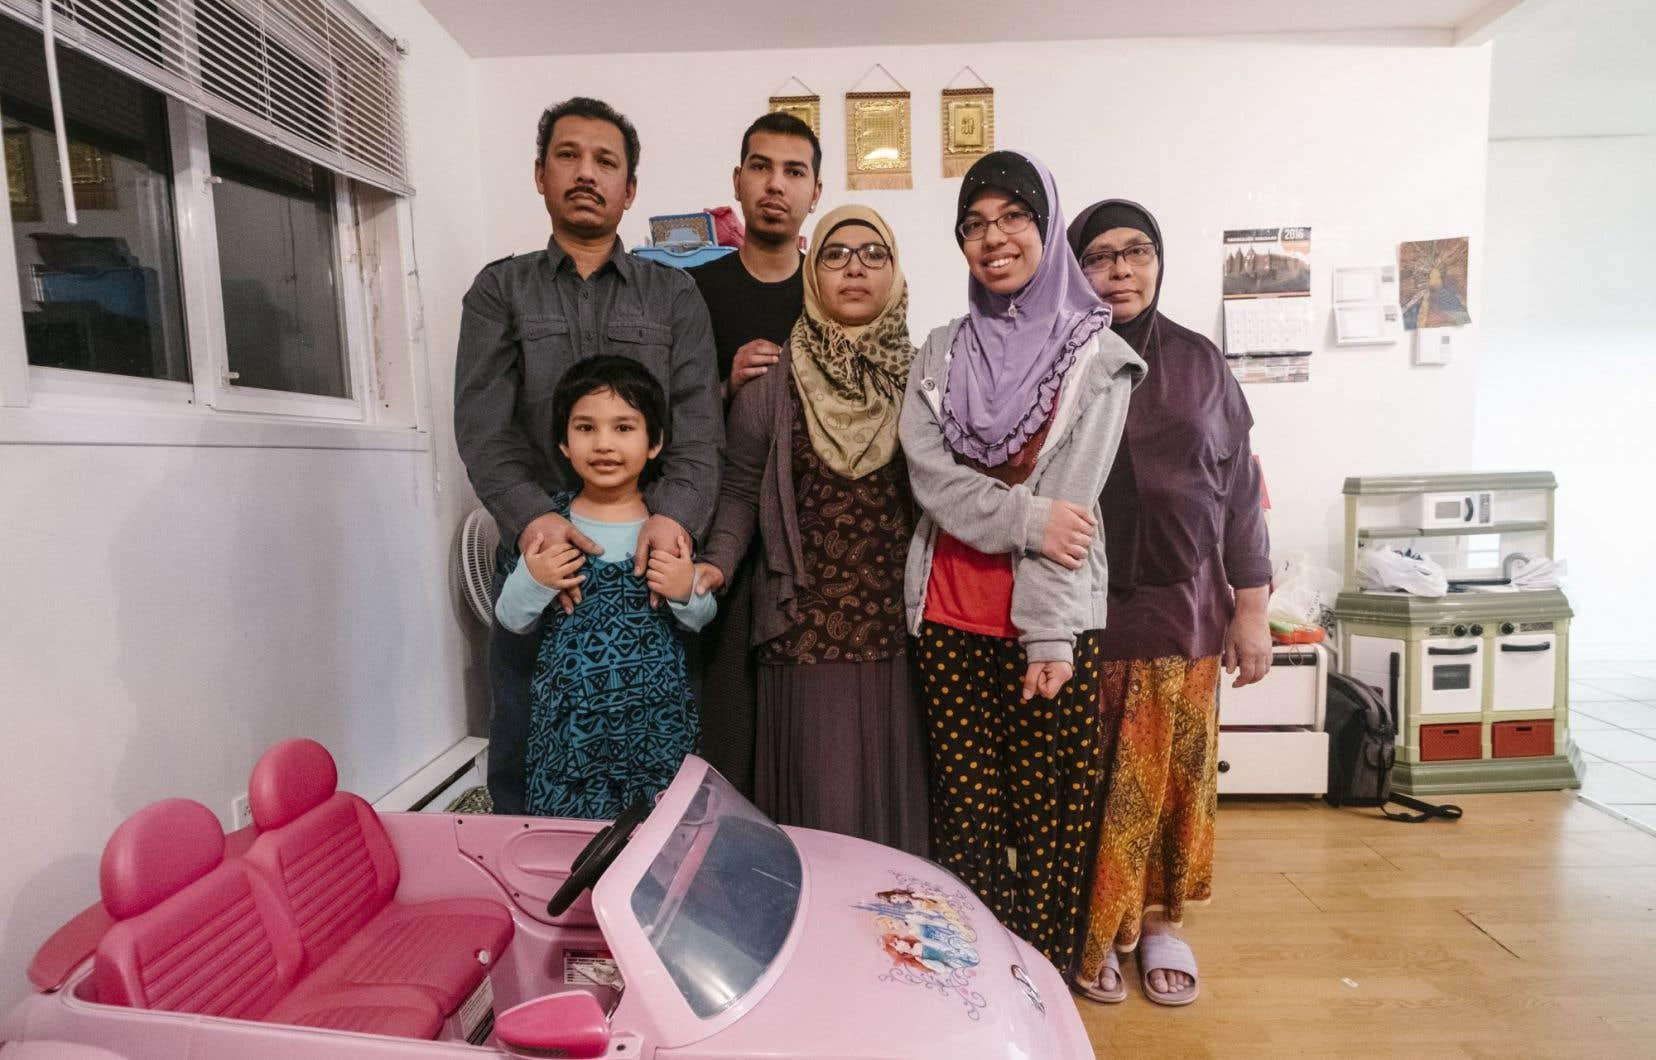 Abdul Rachid, ici en compagnie de sa famille. Faute d'un permis de conduire québécois, il pense aller s'établir à Mississauga, en Ontario, d'ici deux mois.